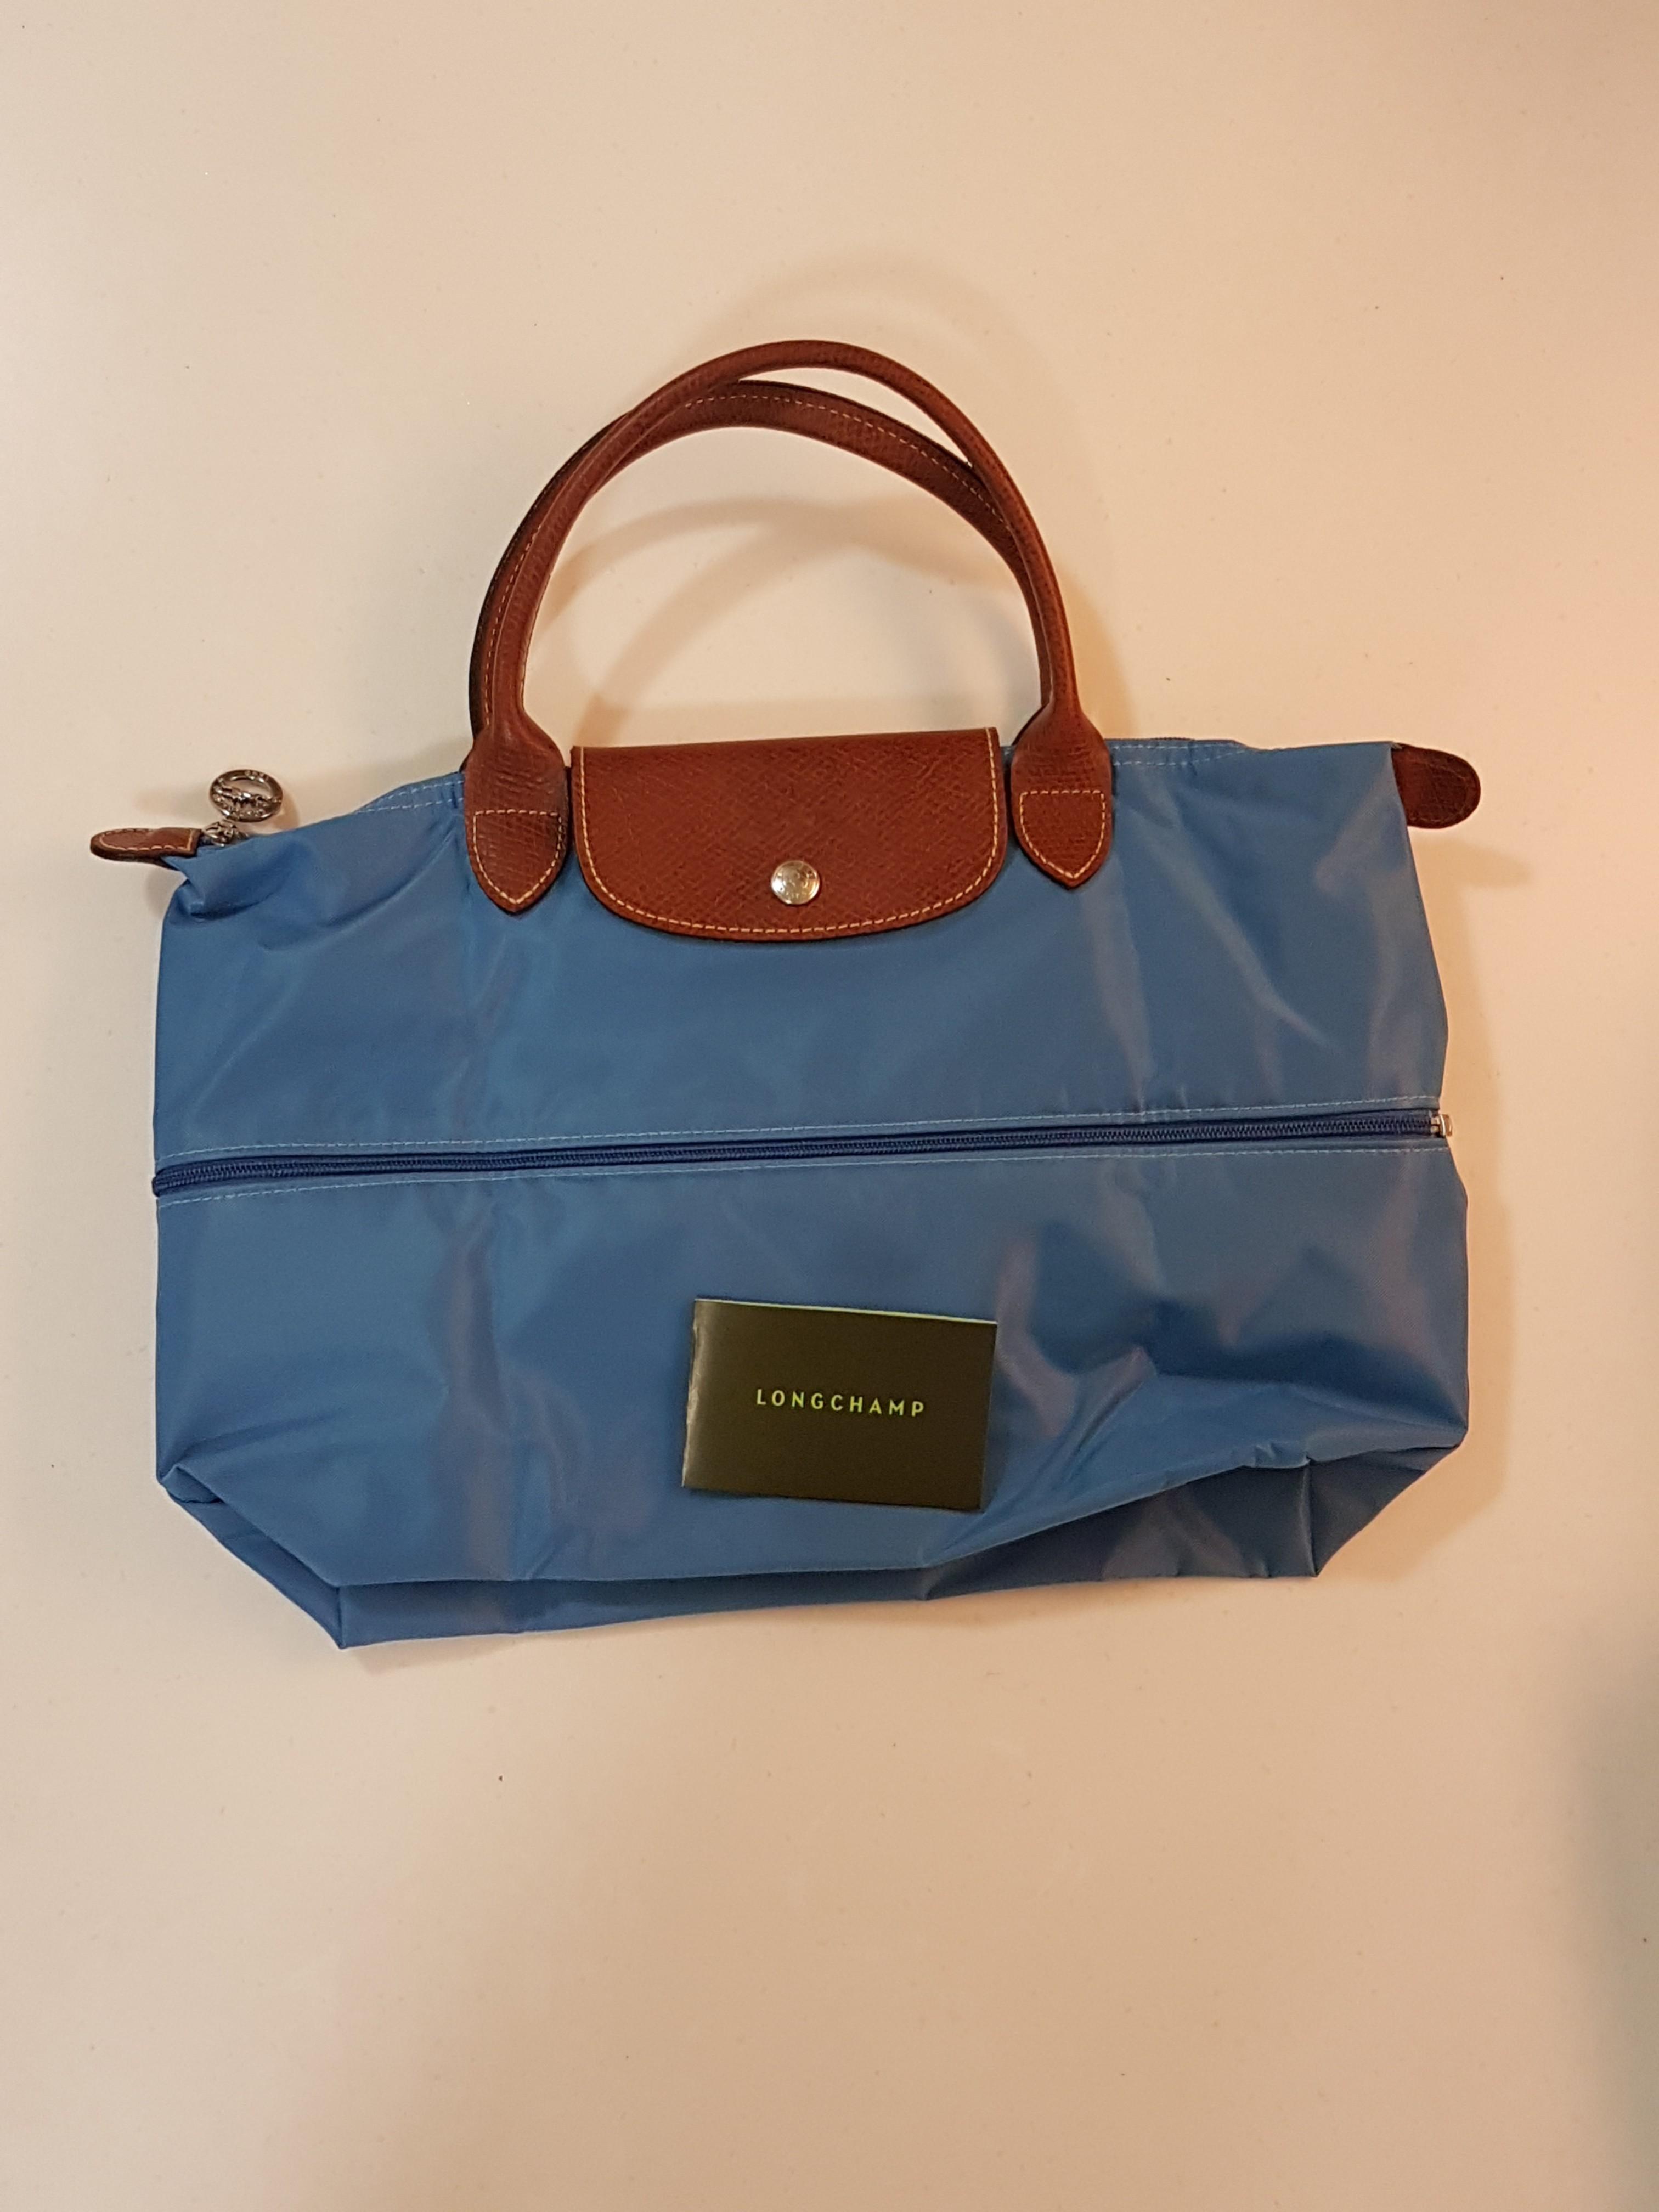 82cc191c7f Authentic Brand New Longchamp Le Pliage Expandable Bag, Luxury, Bags ...